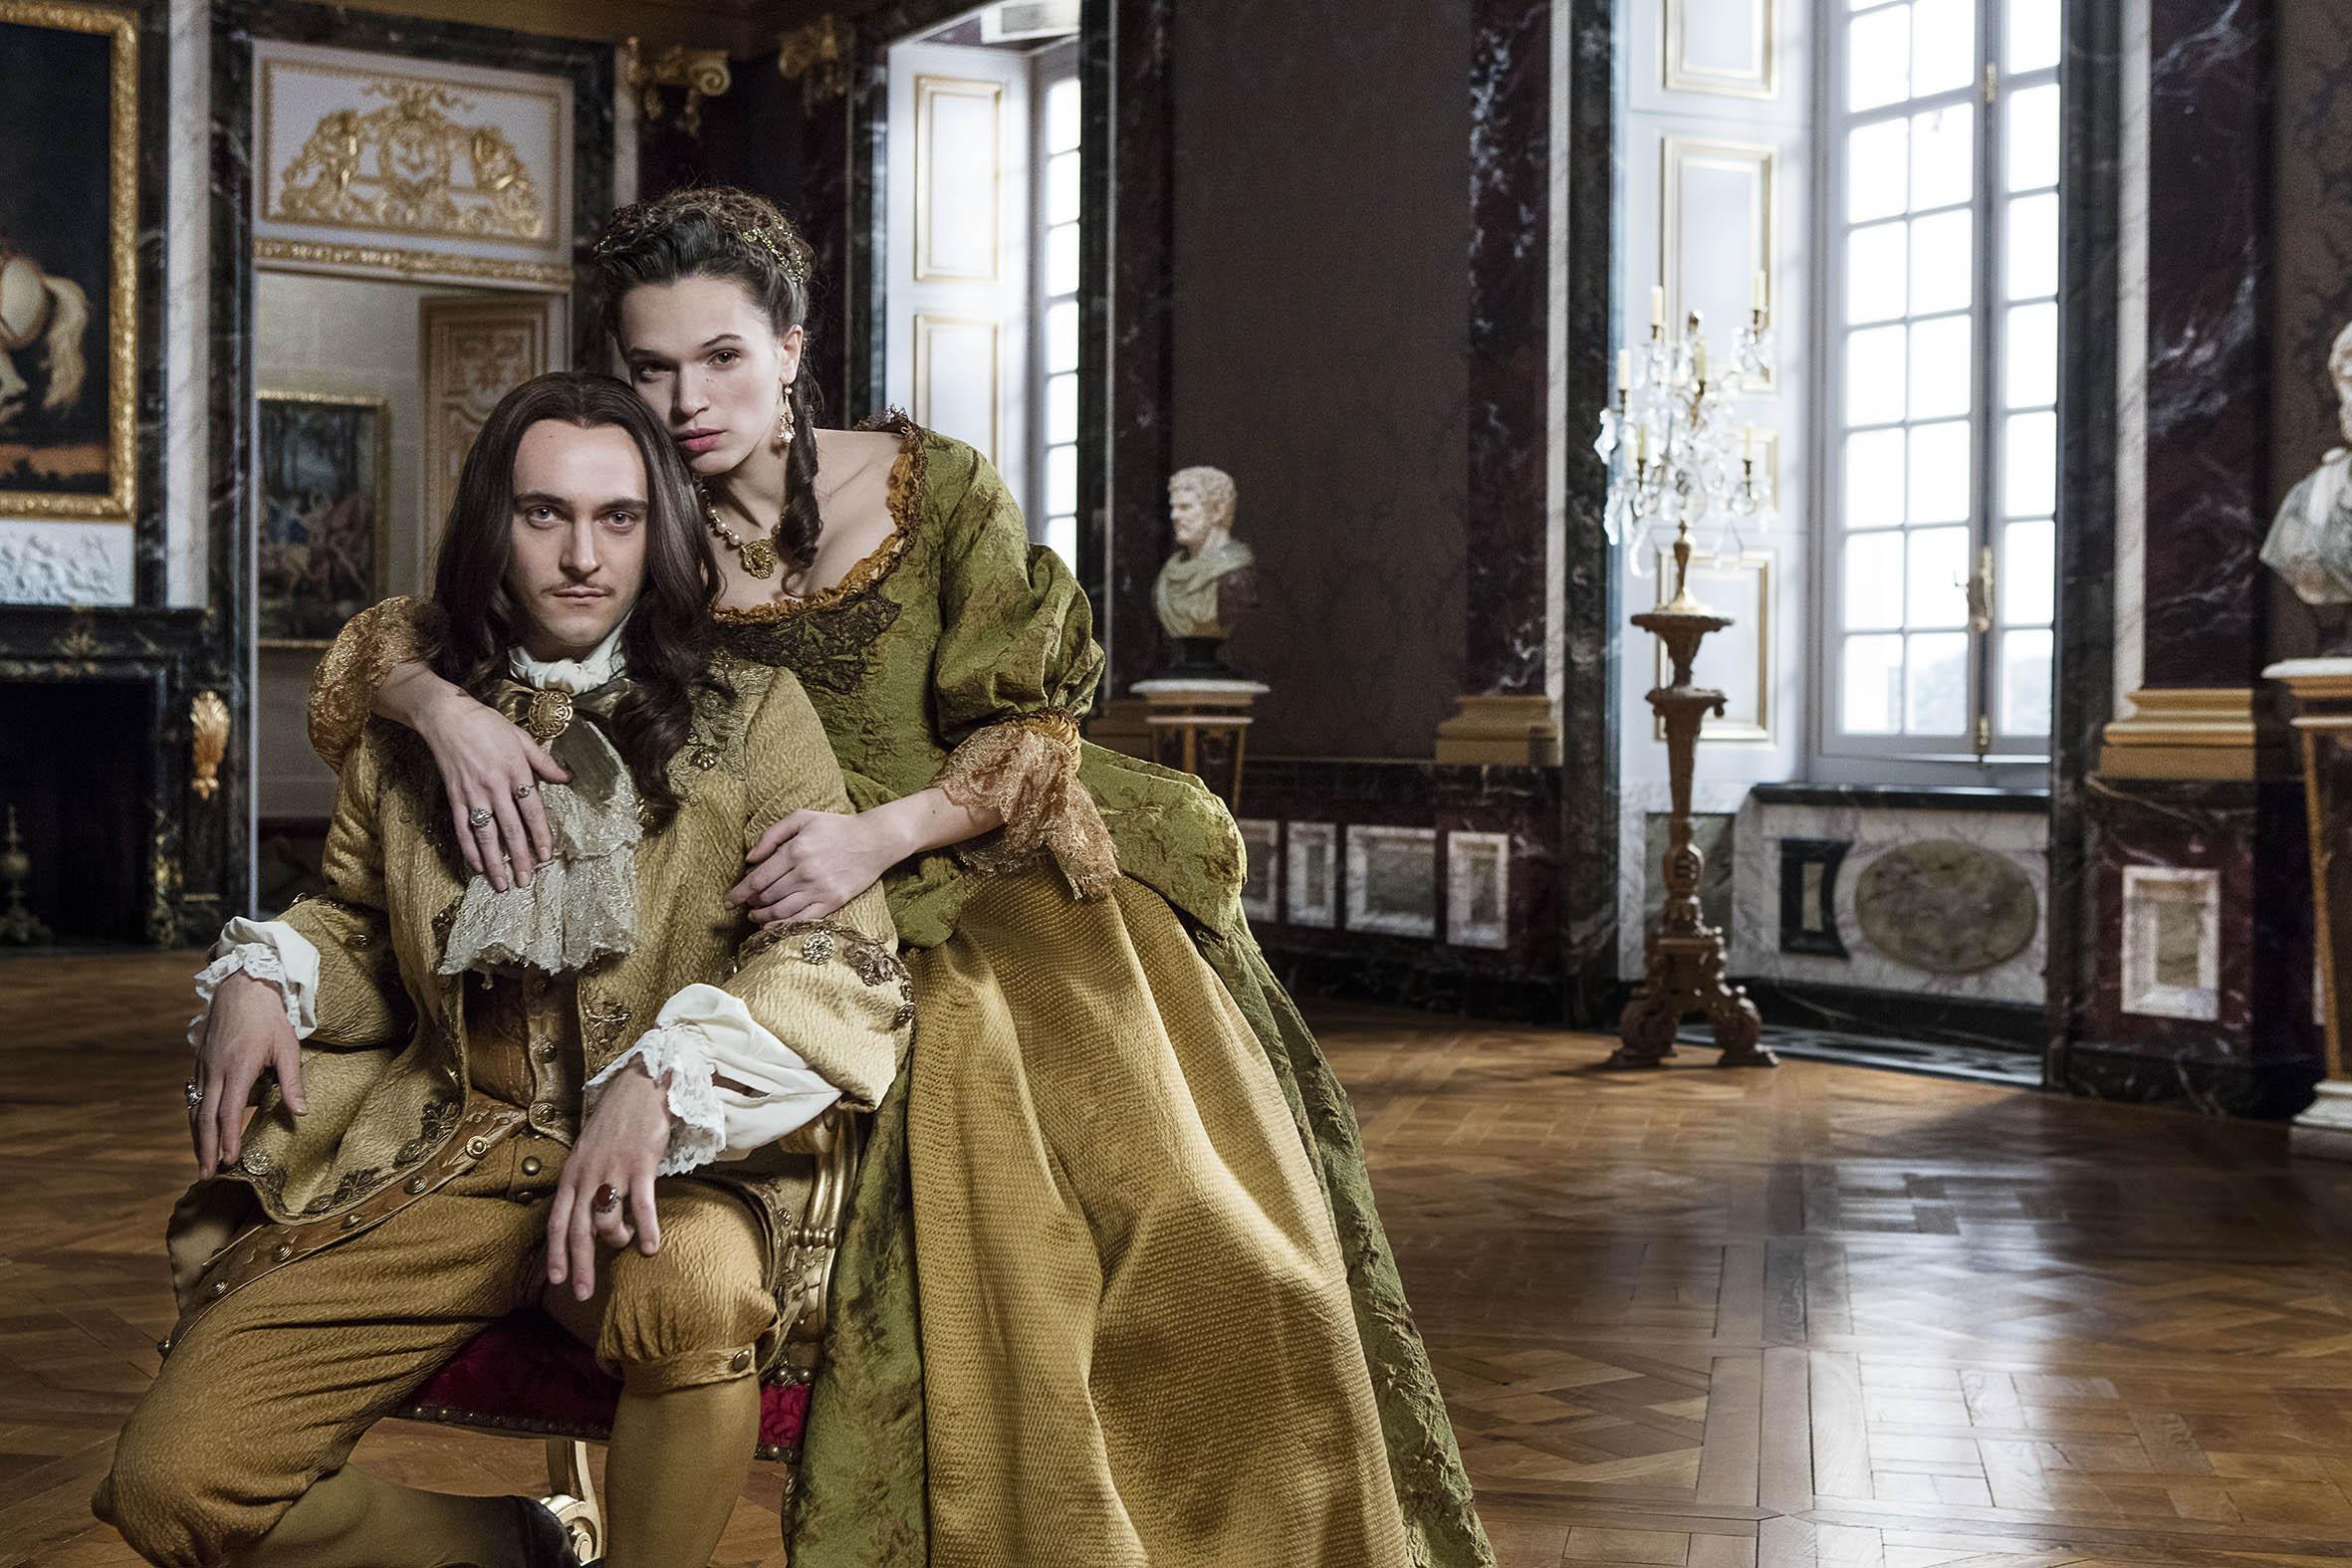 Versailles - Nem is kell magyaráznom, imádom ezt az érát!